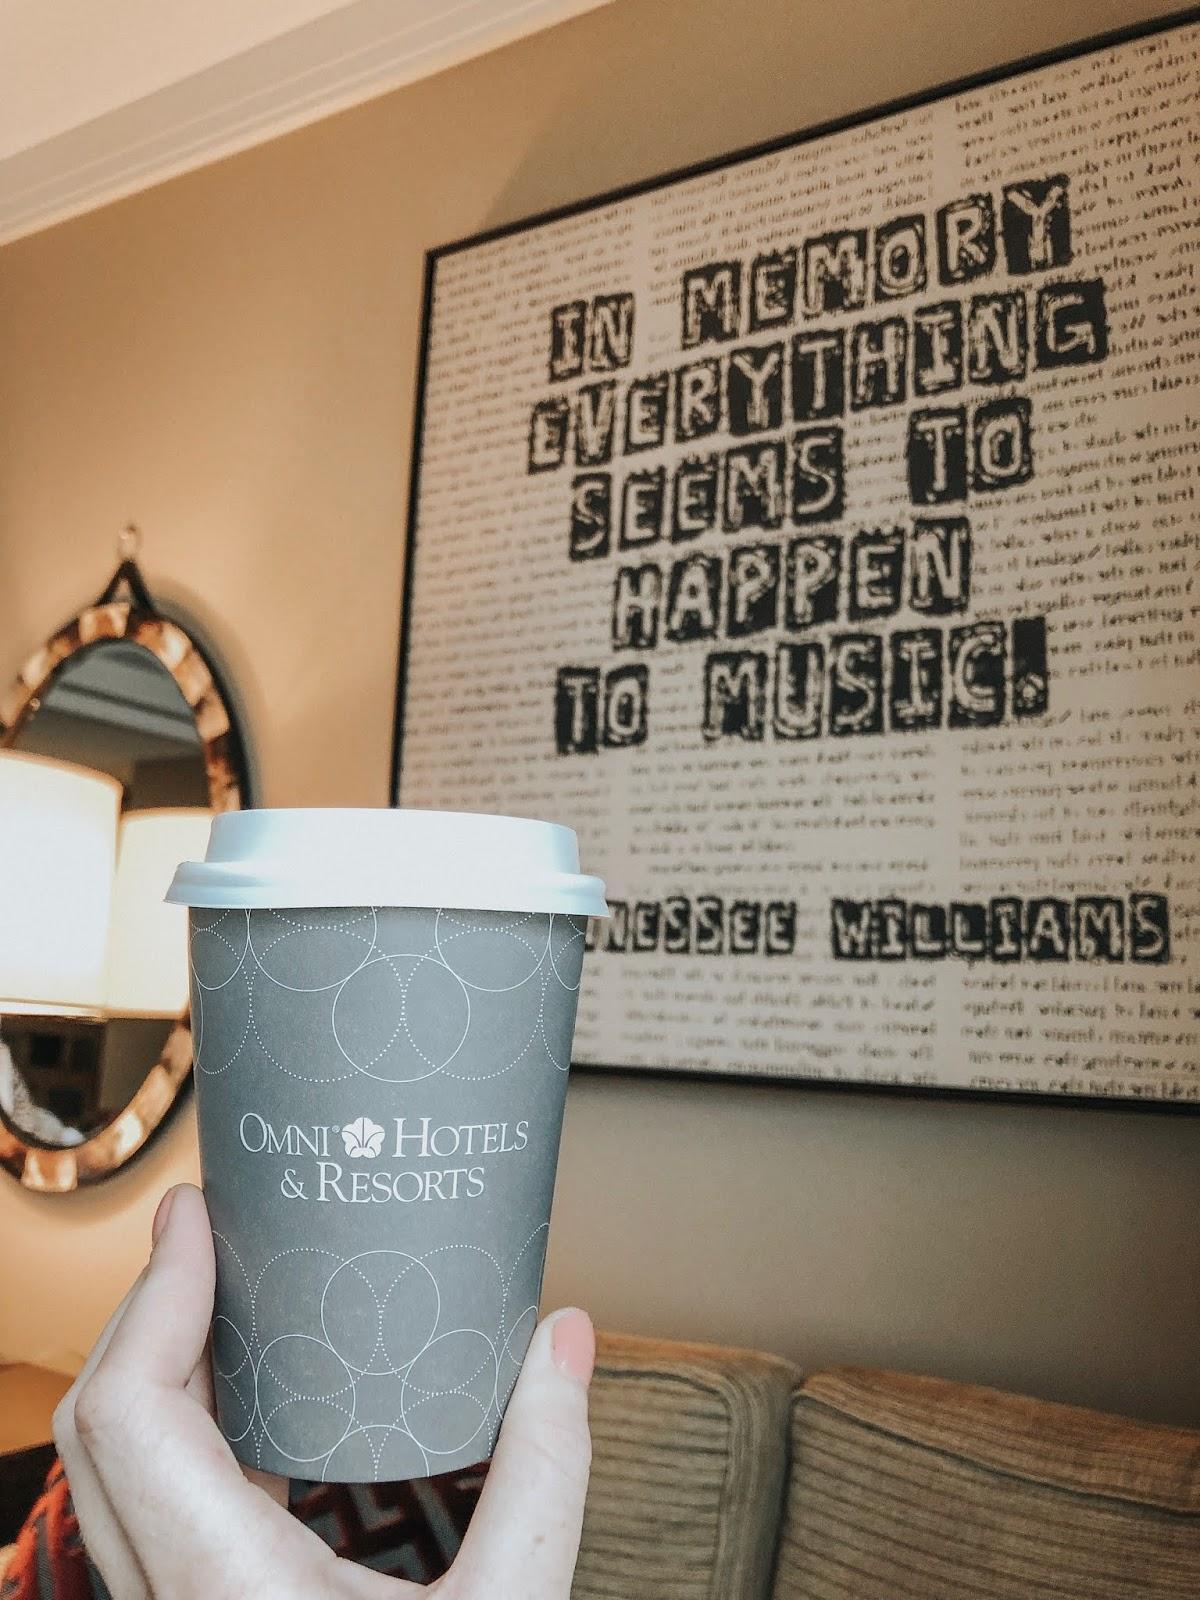 Nashville Travel Guide: My Stay at Omni Nashville Hotel Affordable by Amanda Nashville Travel Guide